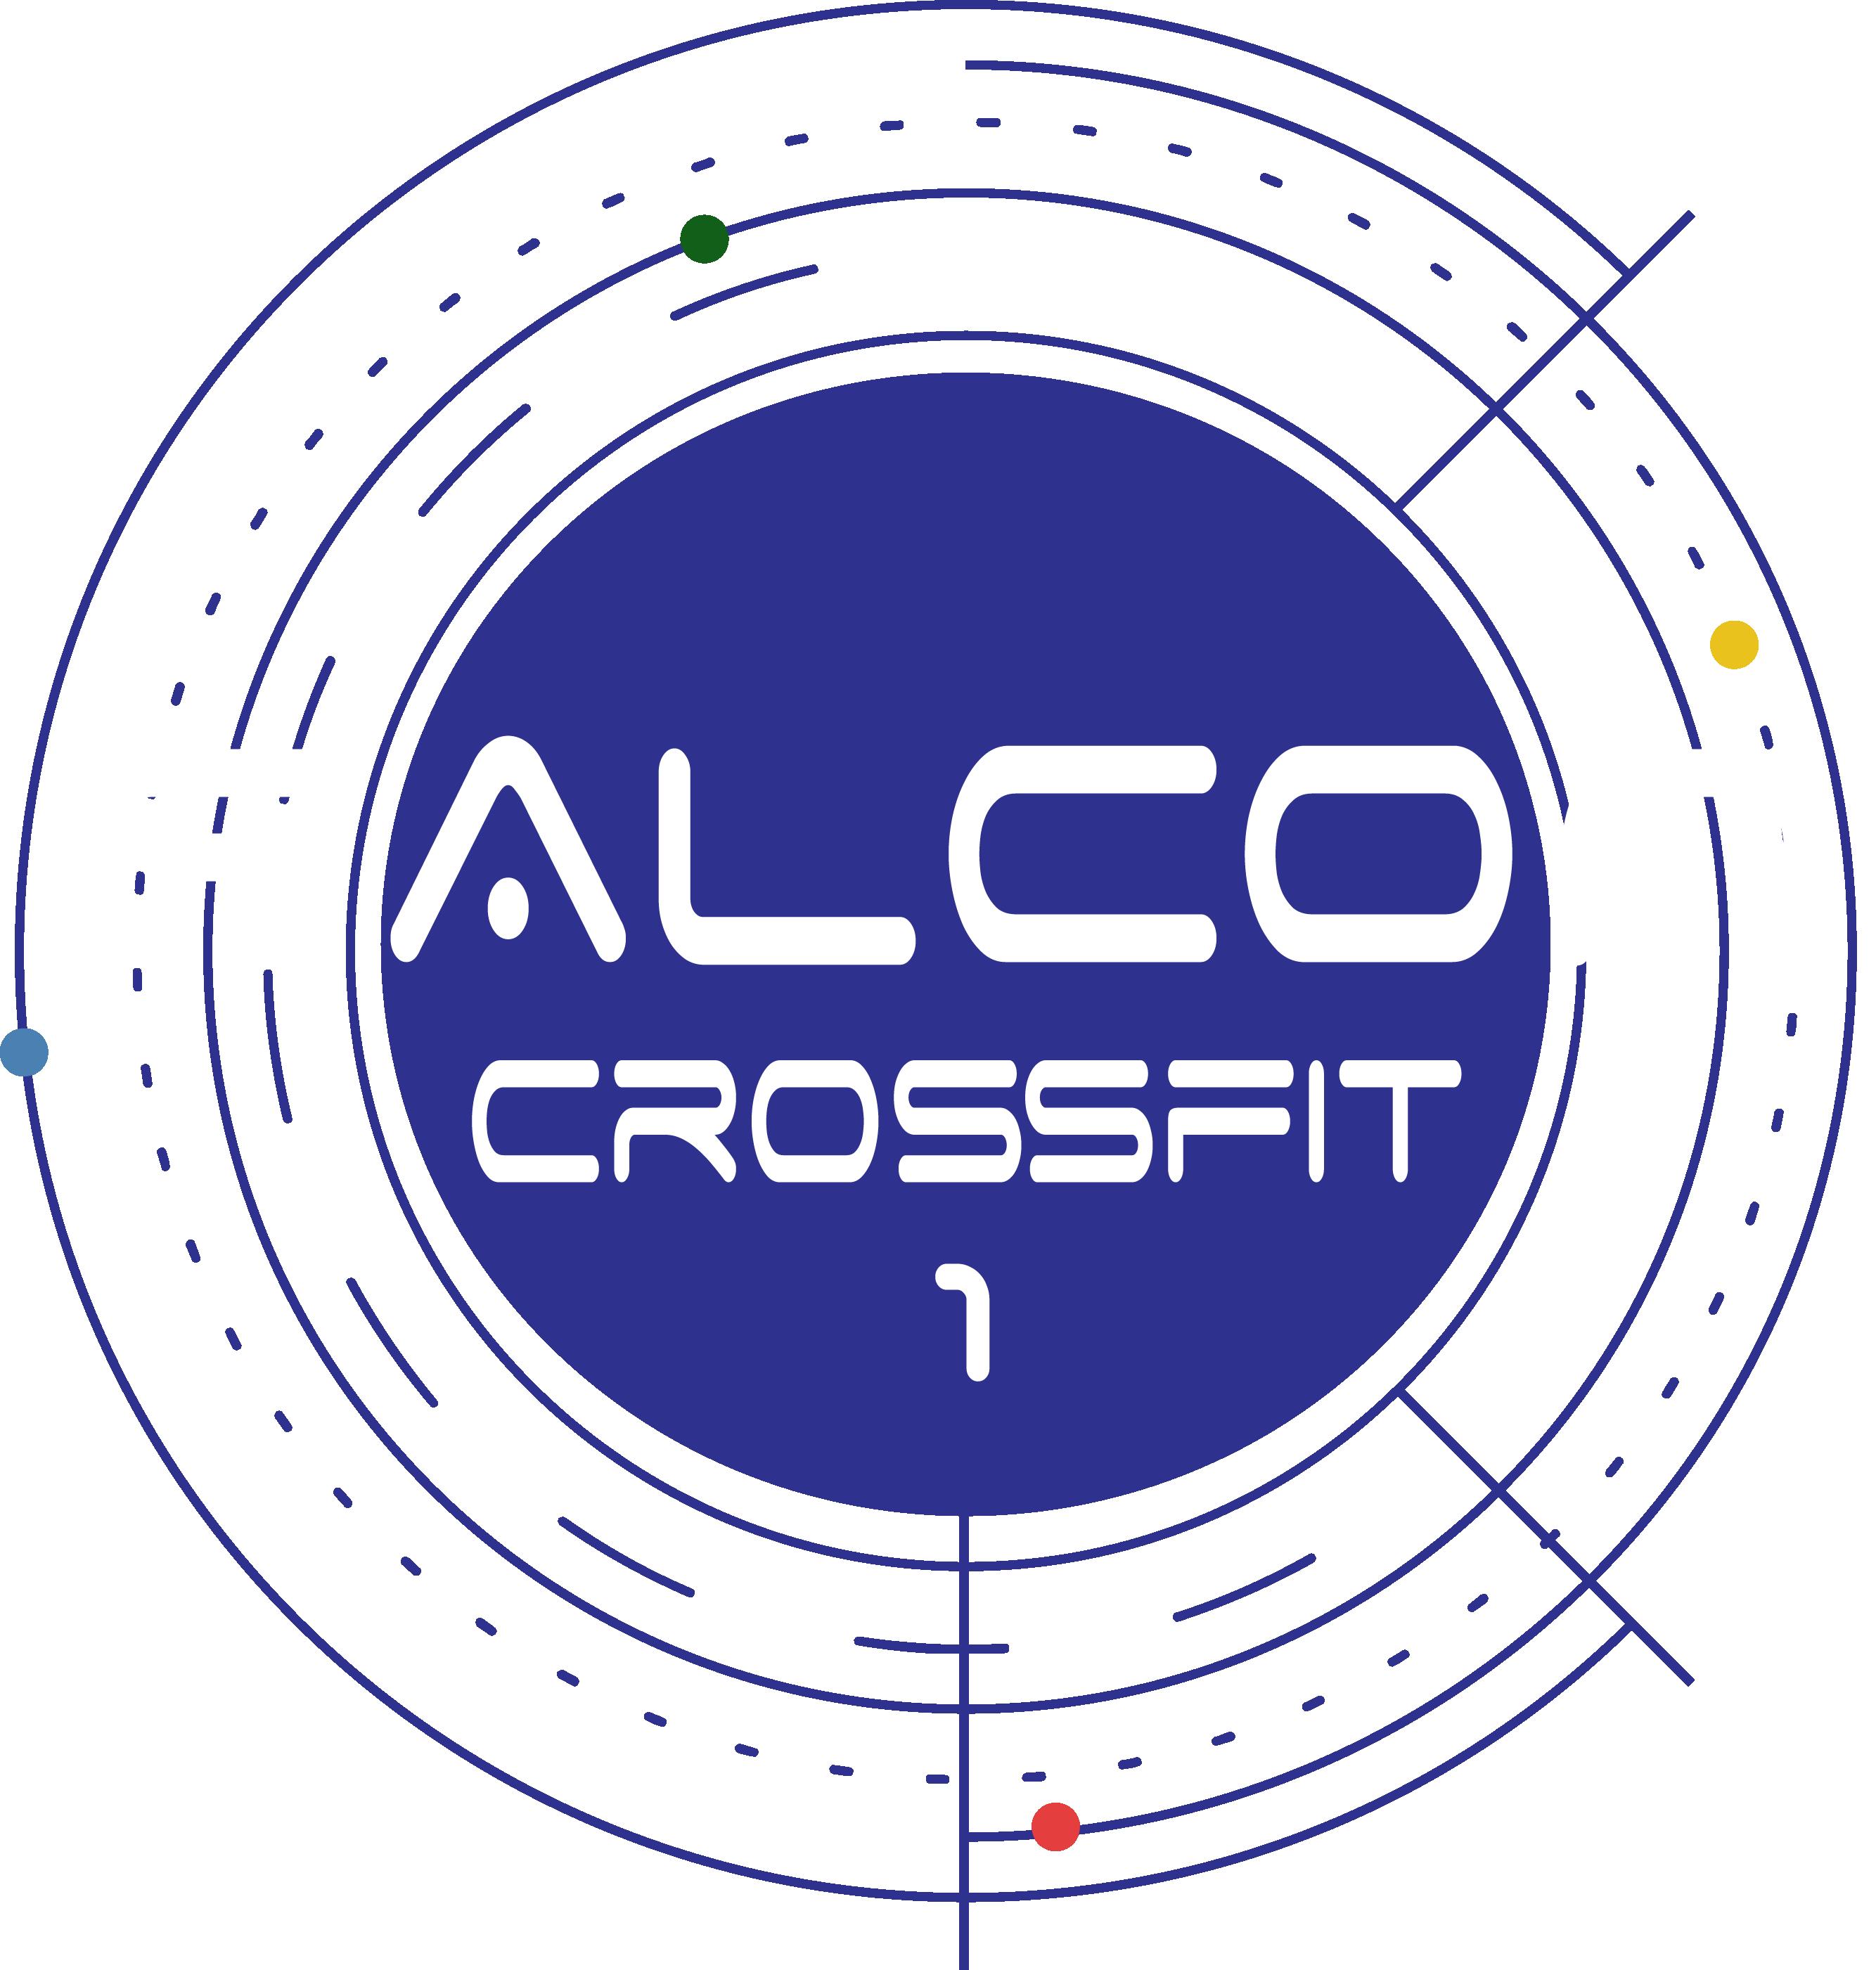 Falcon 1 CrossFit